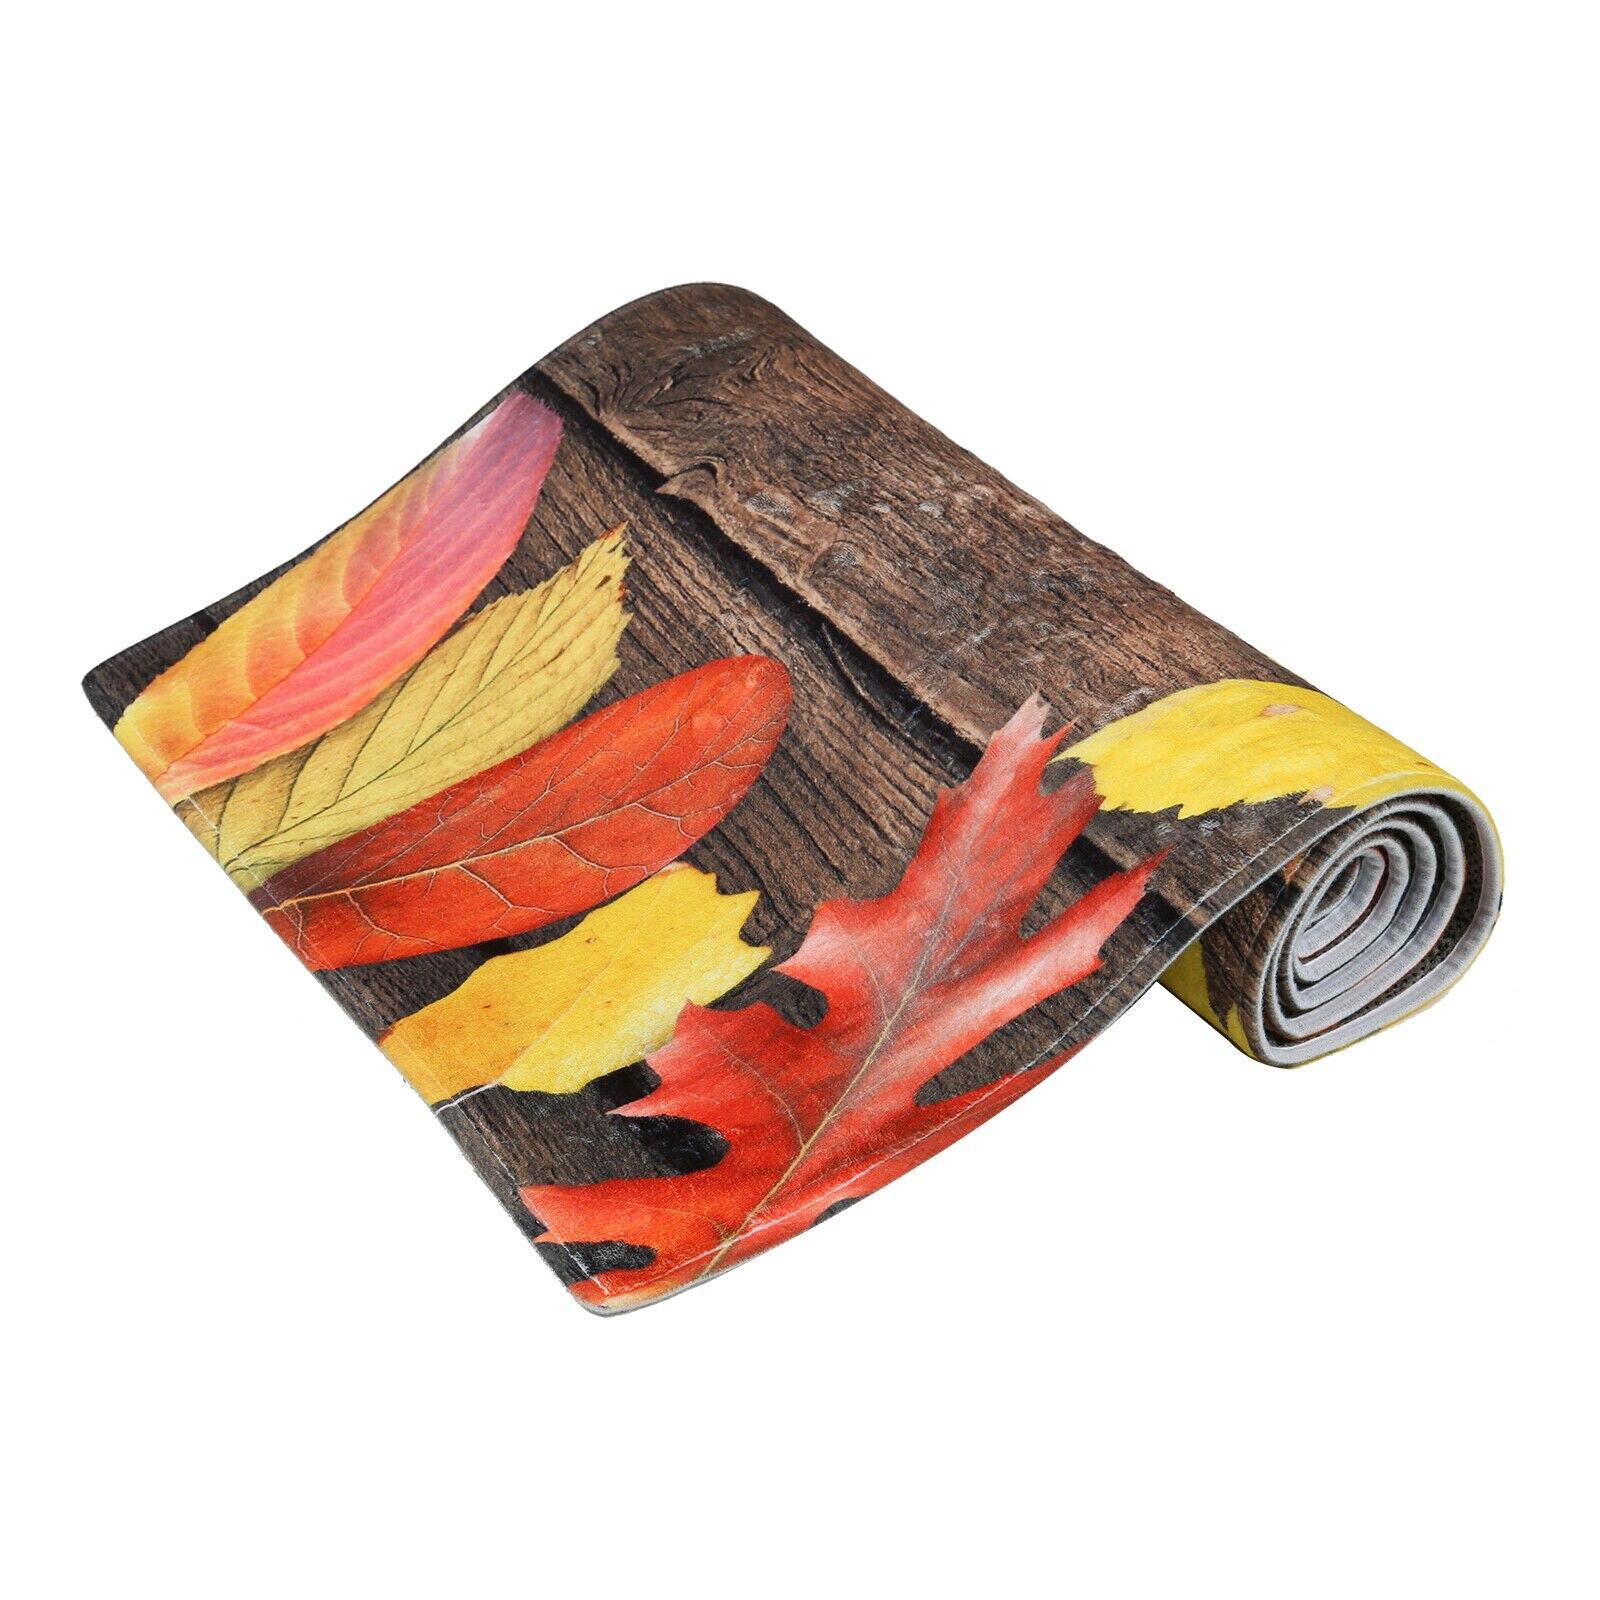 Tapis de sol de cuisine antidérapant tapis lavable à la Machine porte grand tapis de zone de Carpe de couloir de coureur pour la cuisine